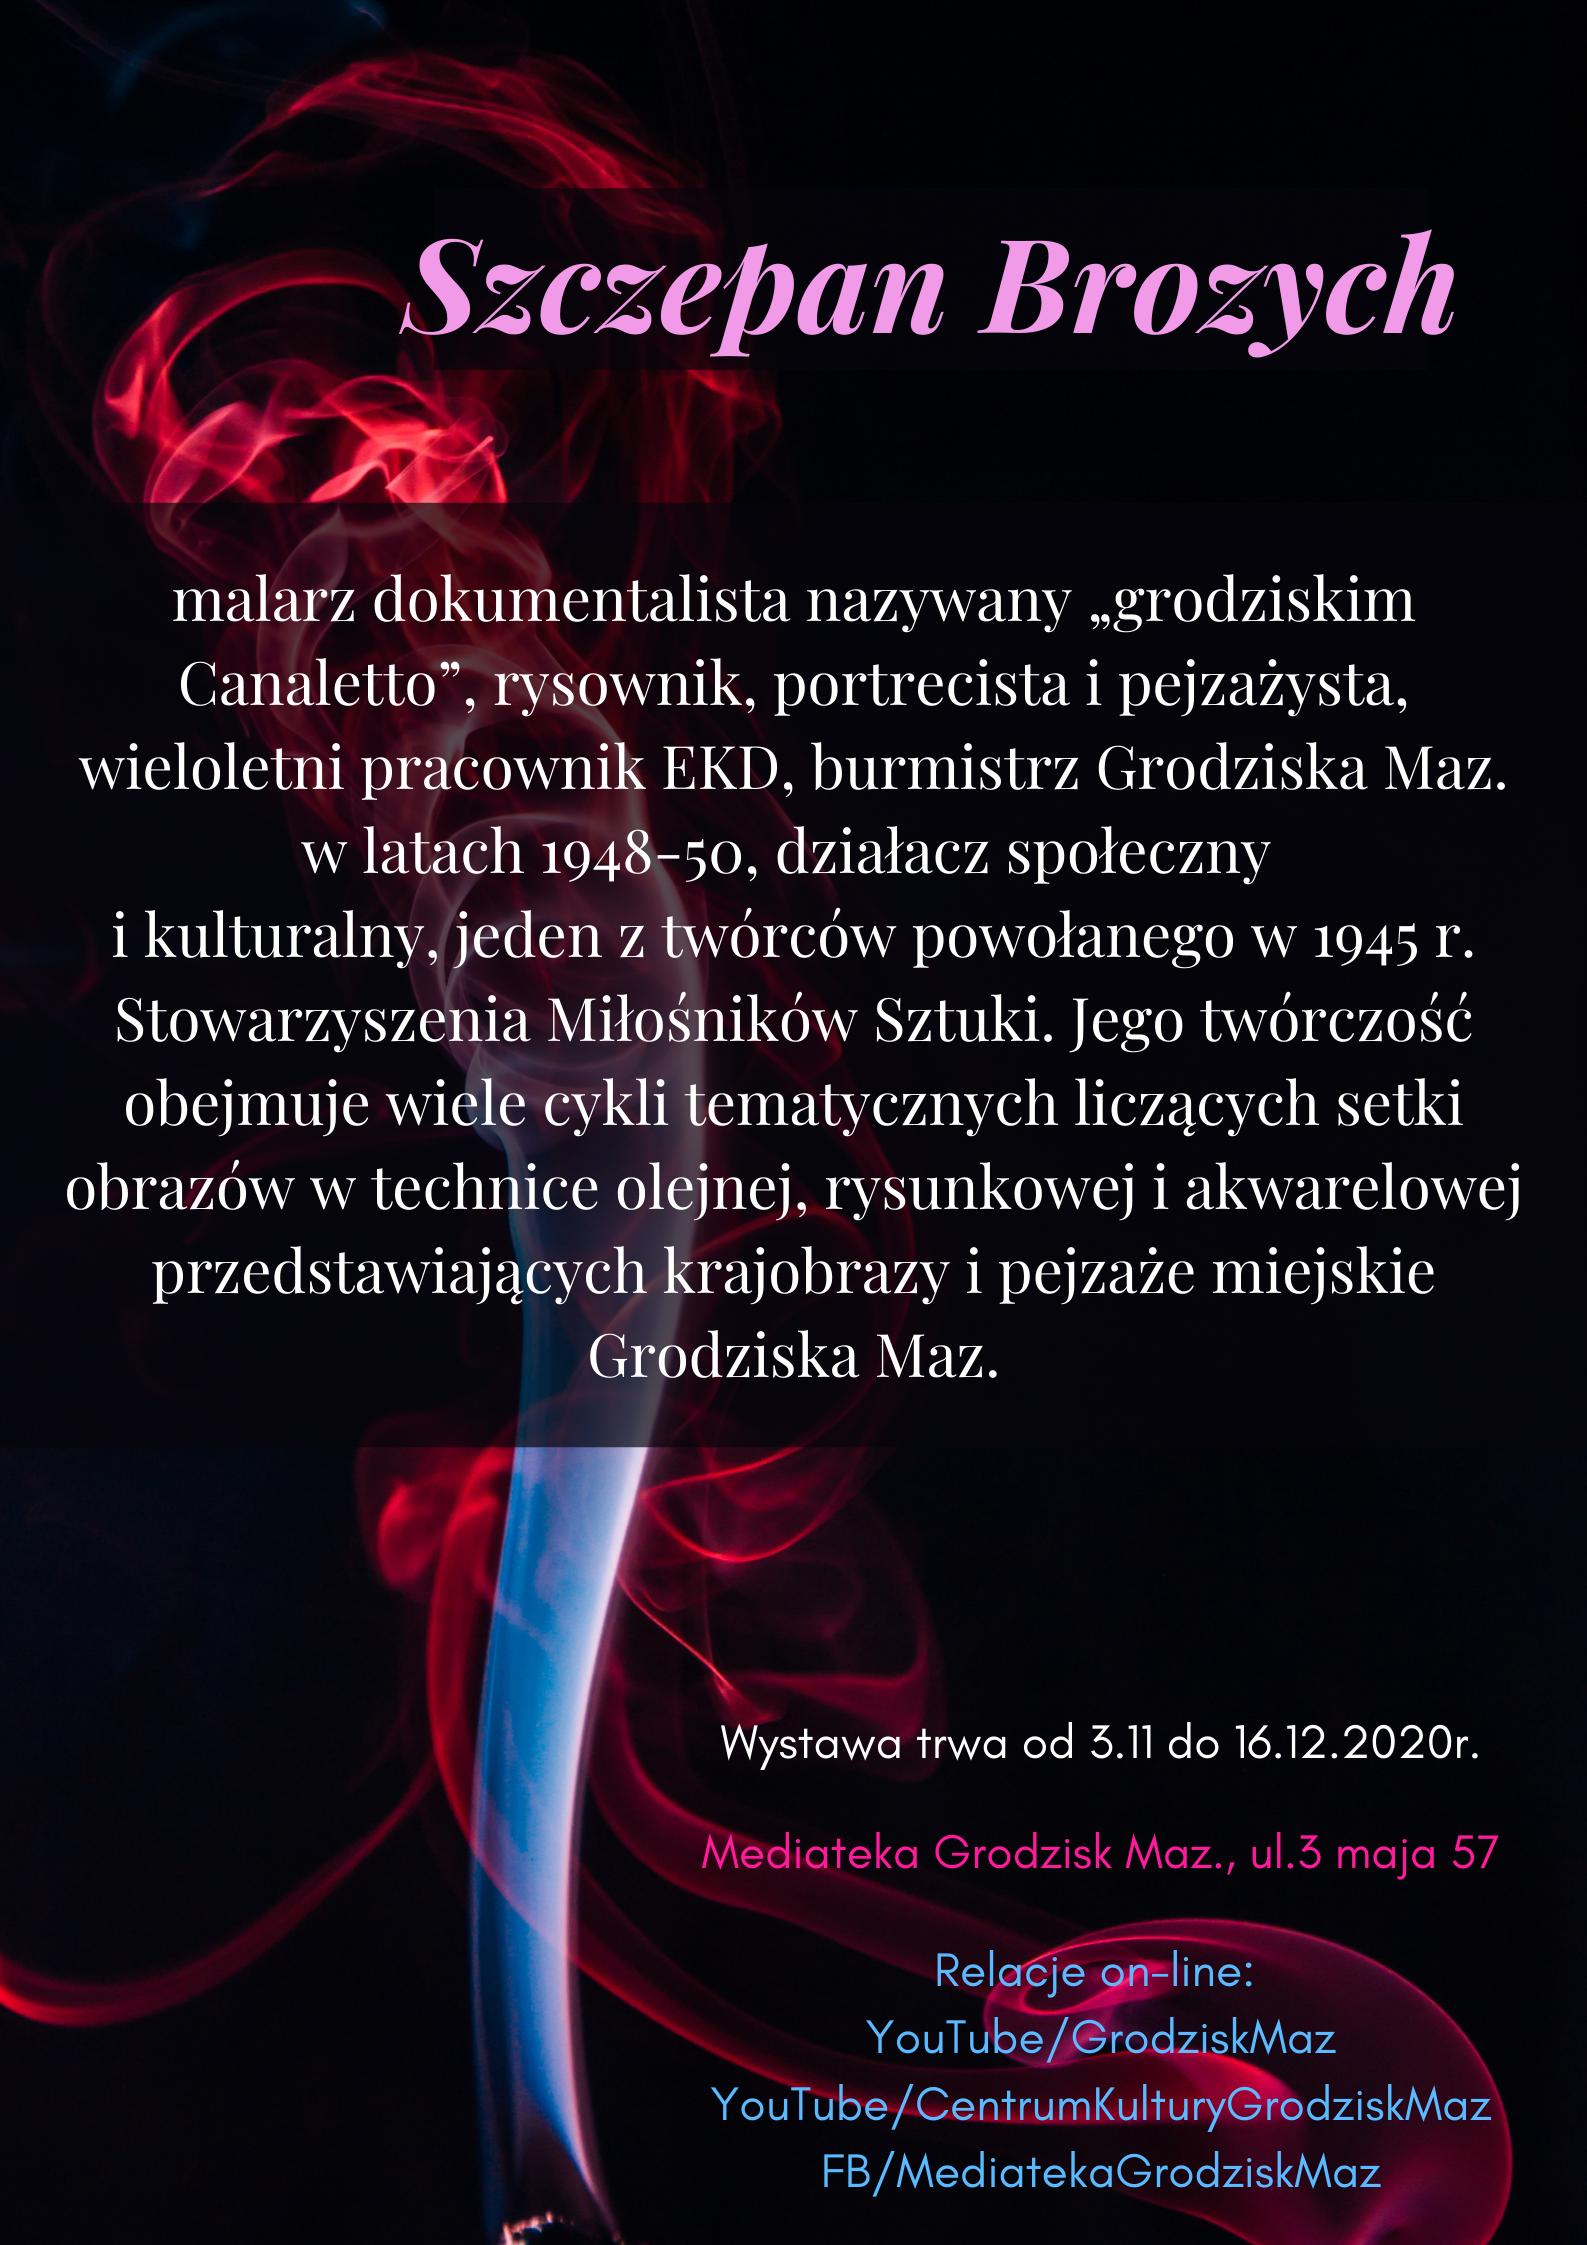 """""""To będzie na wieczność"""" wystawa pamięci grodziskich artystów – Szczepan Brozych"""